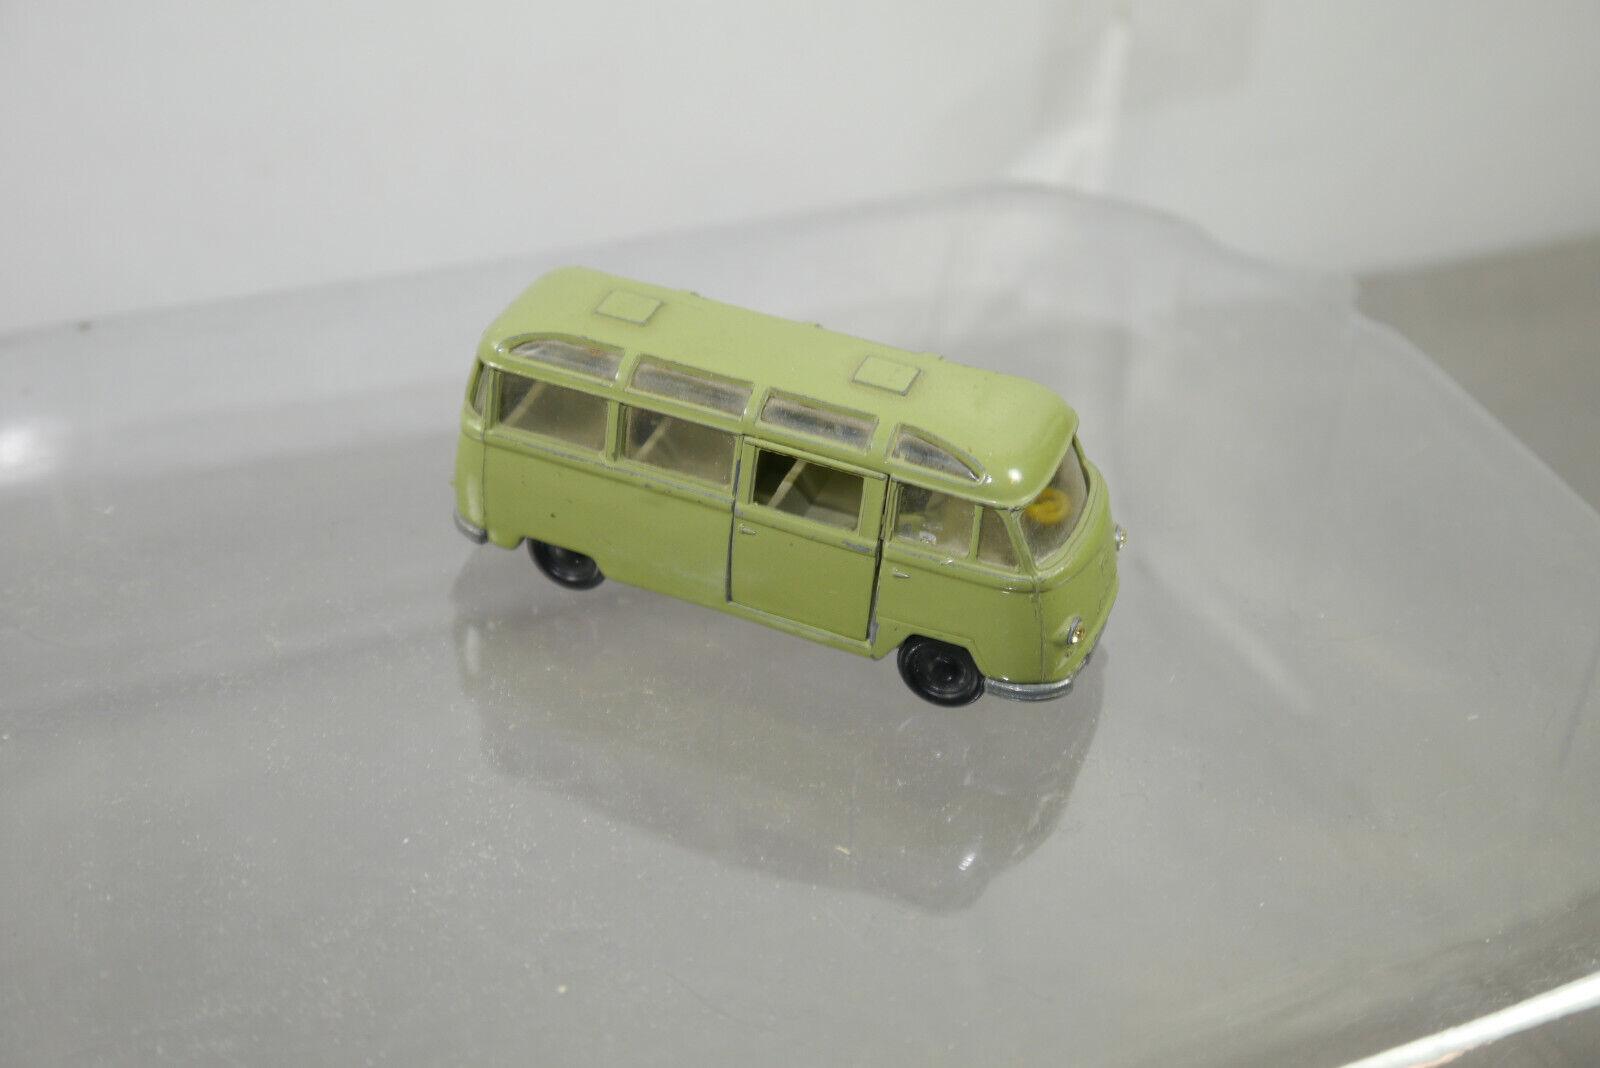 El autobús de skuv220 tempo matabor era era era verde oscuro unos 8 cm (k66) y 35aport 14. a9d